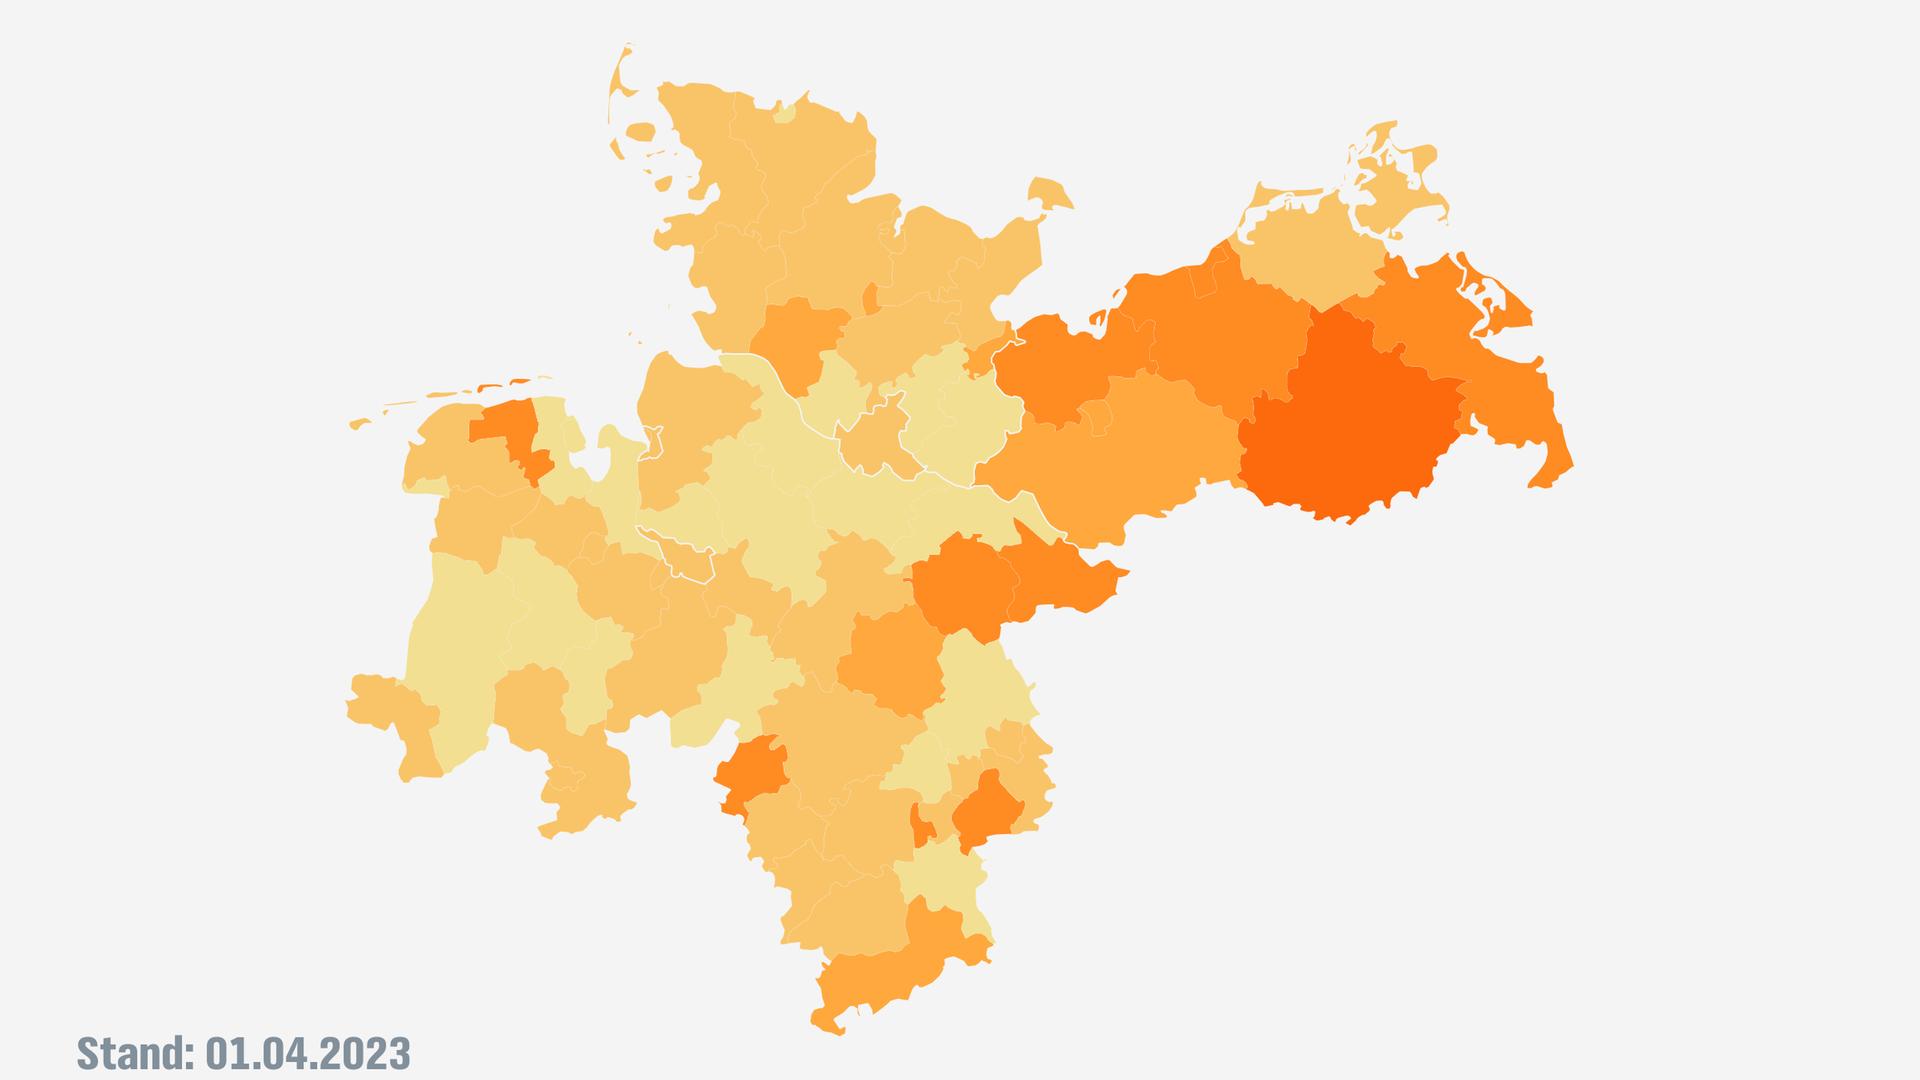 Corona Karte Inzidenz Der Neuinfektionen In Den Landkreisen Ndr De Nachrichten Ndr Info